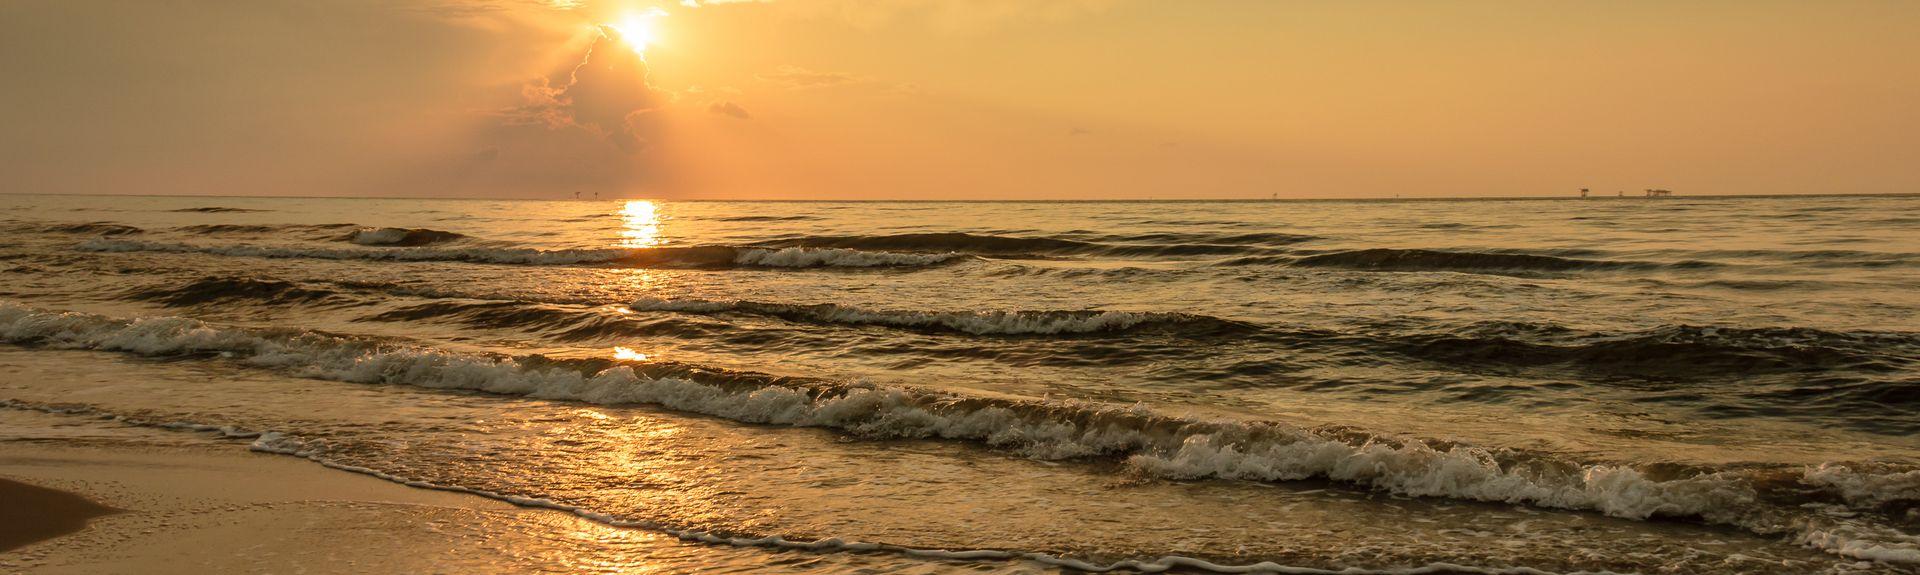 City-by-the Sea, Texas, Estados Unidos